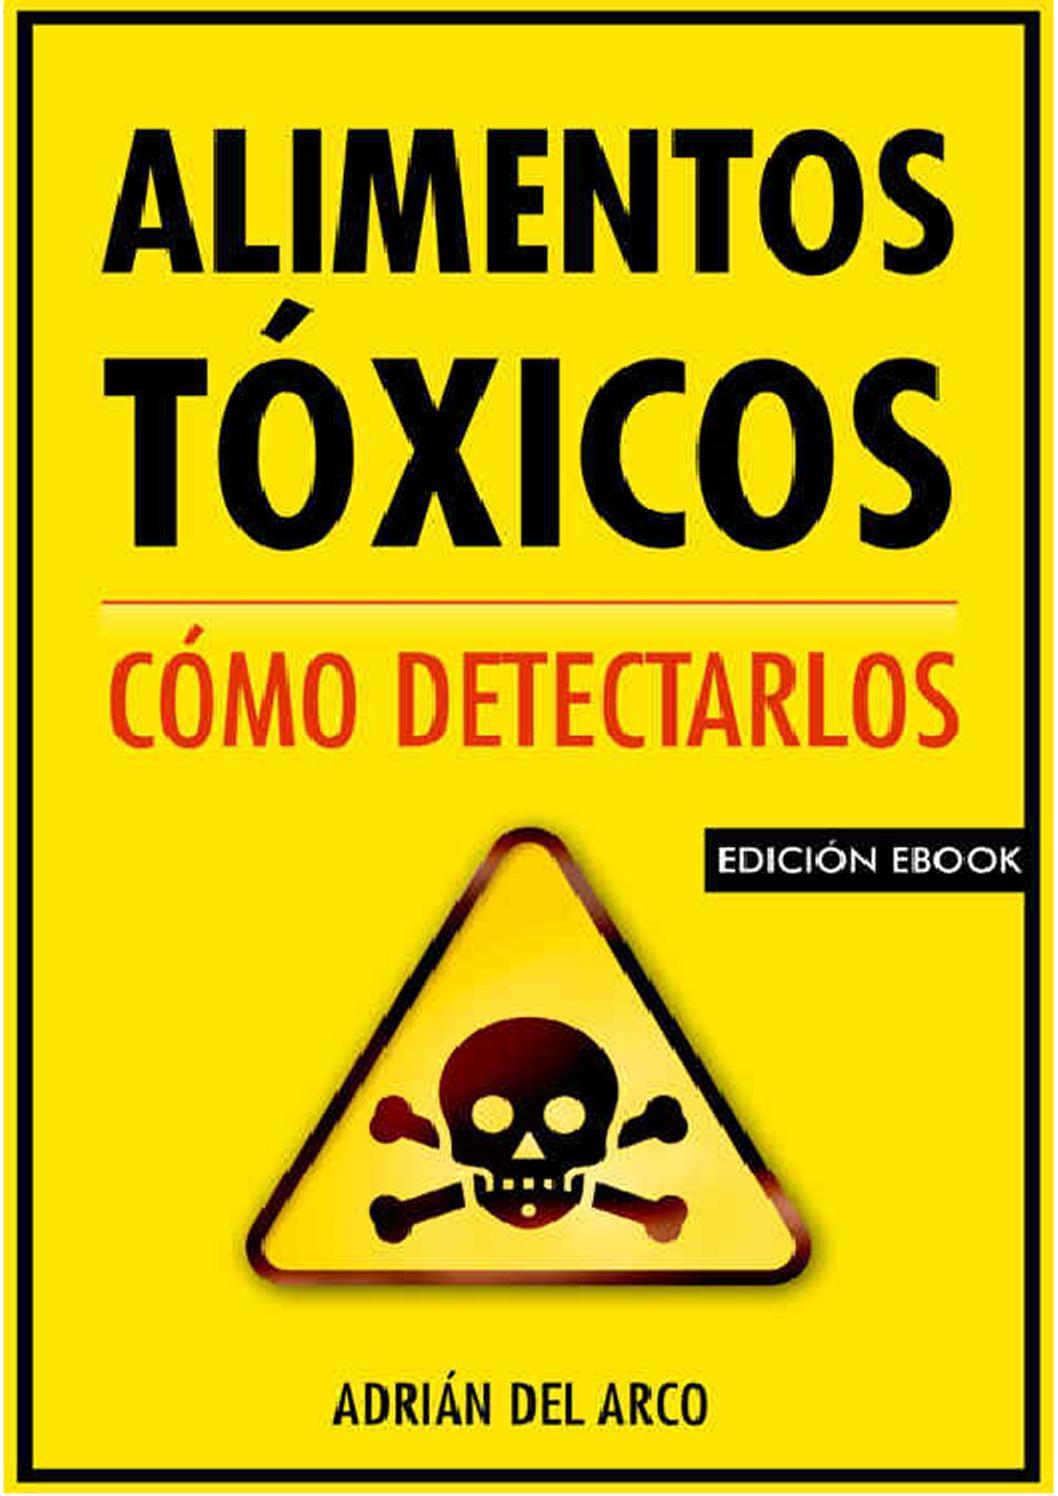 Alimentos Tóxicos: Cómo detectarlos – Adrián del Arco